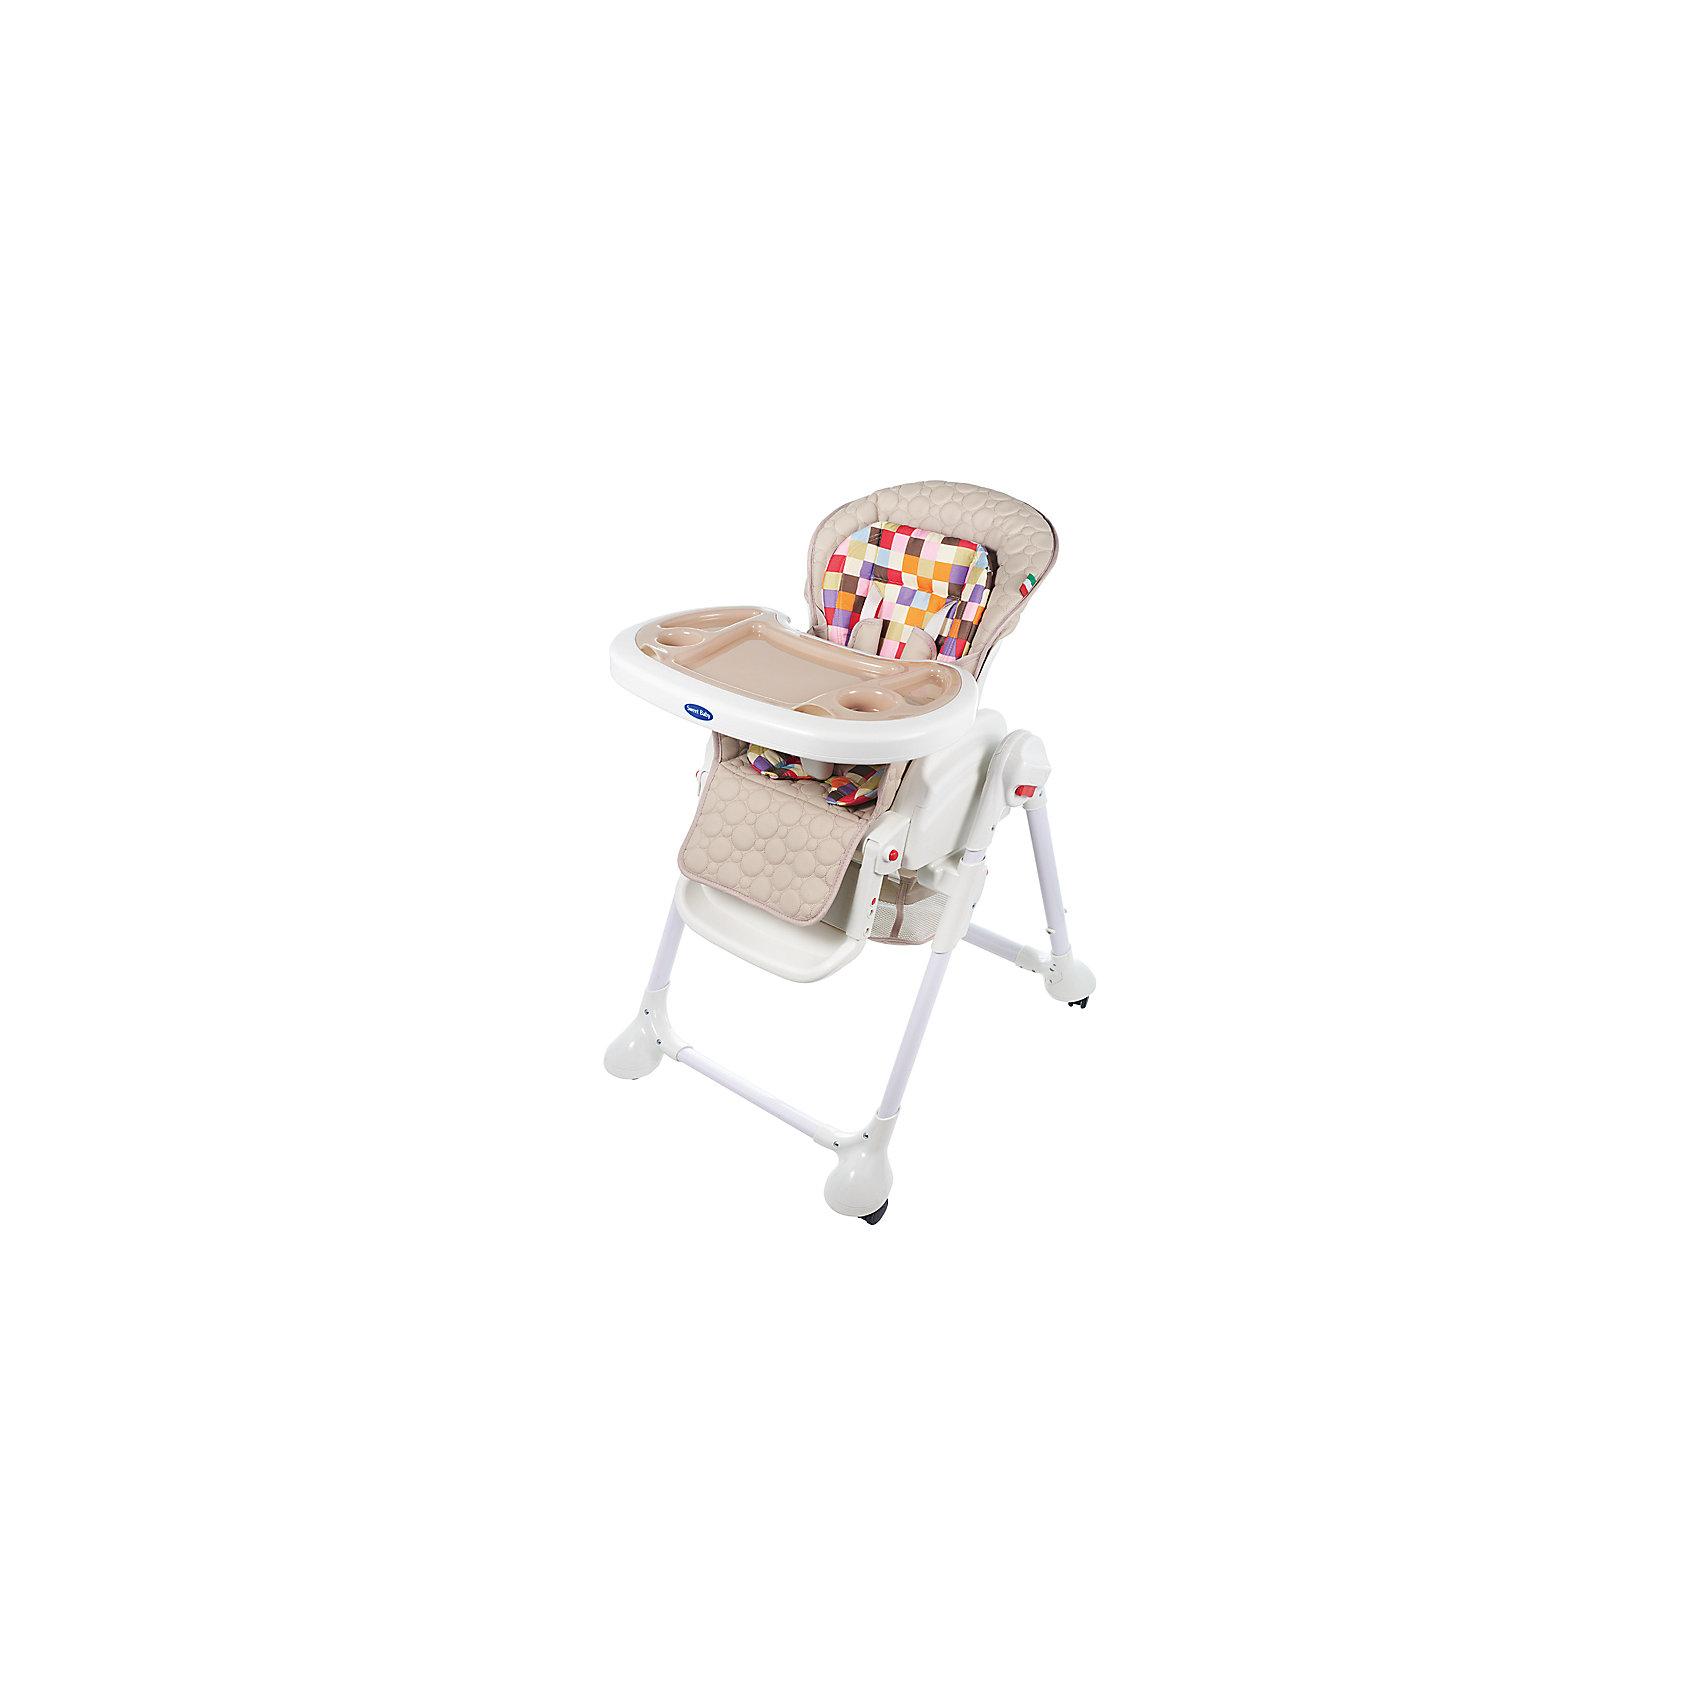 Стульчик для кормления Luxor Multicolor, Sweet Baby, Beigeот рождения<br>Характеристика товара:<br><br>• цвет: Beige (бежевый)<br>• используется в качестве стульчика для кормления или шезлонга для сна<br>• наклон спинки регулируется, устанавливается в горизонтальное положение<br>• регулируемая по высоте спинка (5 уровней)<br>• угол наклона спинки регулируется (3 положения)<br>• регулируемая длина подножки (3 уровня)<br>• чехол из экокожи<br>• яркий вкладыш из мягкой гипоаллергенной ткани (снимается)<br>• сетчато-текстильная корзина для аксессуаров<br>• 5-точечные ремни безопасности с надежным замком и мягкими накладками<br>• 3 позиции глубины и высоты подноса<br>• съемная верхняя накладка на поднос и 2 углубления для посуды<br>• 4 колеса со стоперами<br>• компактные размеры и устойчивость в сложенном виде<br>• возраст: от 0 месяцев<br>• материал рамы: металл, пластик<br>• страна производства: Китай<br>• вес: 15 кг<br>• размер упаковки: 91х30х65 см<br><br>Стульчик для кормления Luxor Multicolor Sweet Baby с уникальной функцией –<br>ручным механизмом качания!<br><br>Компактный стульчик для кормления теперь может быть и кроваткой – Вы сможете заняться любым делом, параллельно убаюкивая своего малыша.<br><br>Стульчик легко перемещается, а это значит, что Вы сможете убаюкать крошку там, где Вам удобно.<br><br>Стульчик для кормления Luxor Multicolor, Sweet Baby, Beige можно купить в нашем интернет-магазине.<br><br>Ширина мм: 640<br>Глубина мм: 910<br>Высота мм: 300<br>Вес г: 17400<br>Возраст от месяцев: 0<br>Возраст до месяцев: 36<br>Пол: Унисекс<br>Возраст: Детский<br>SKU: 5583544